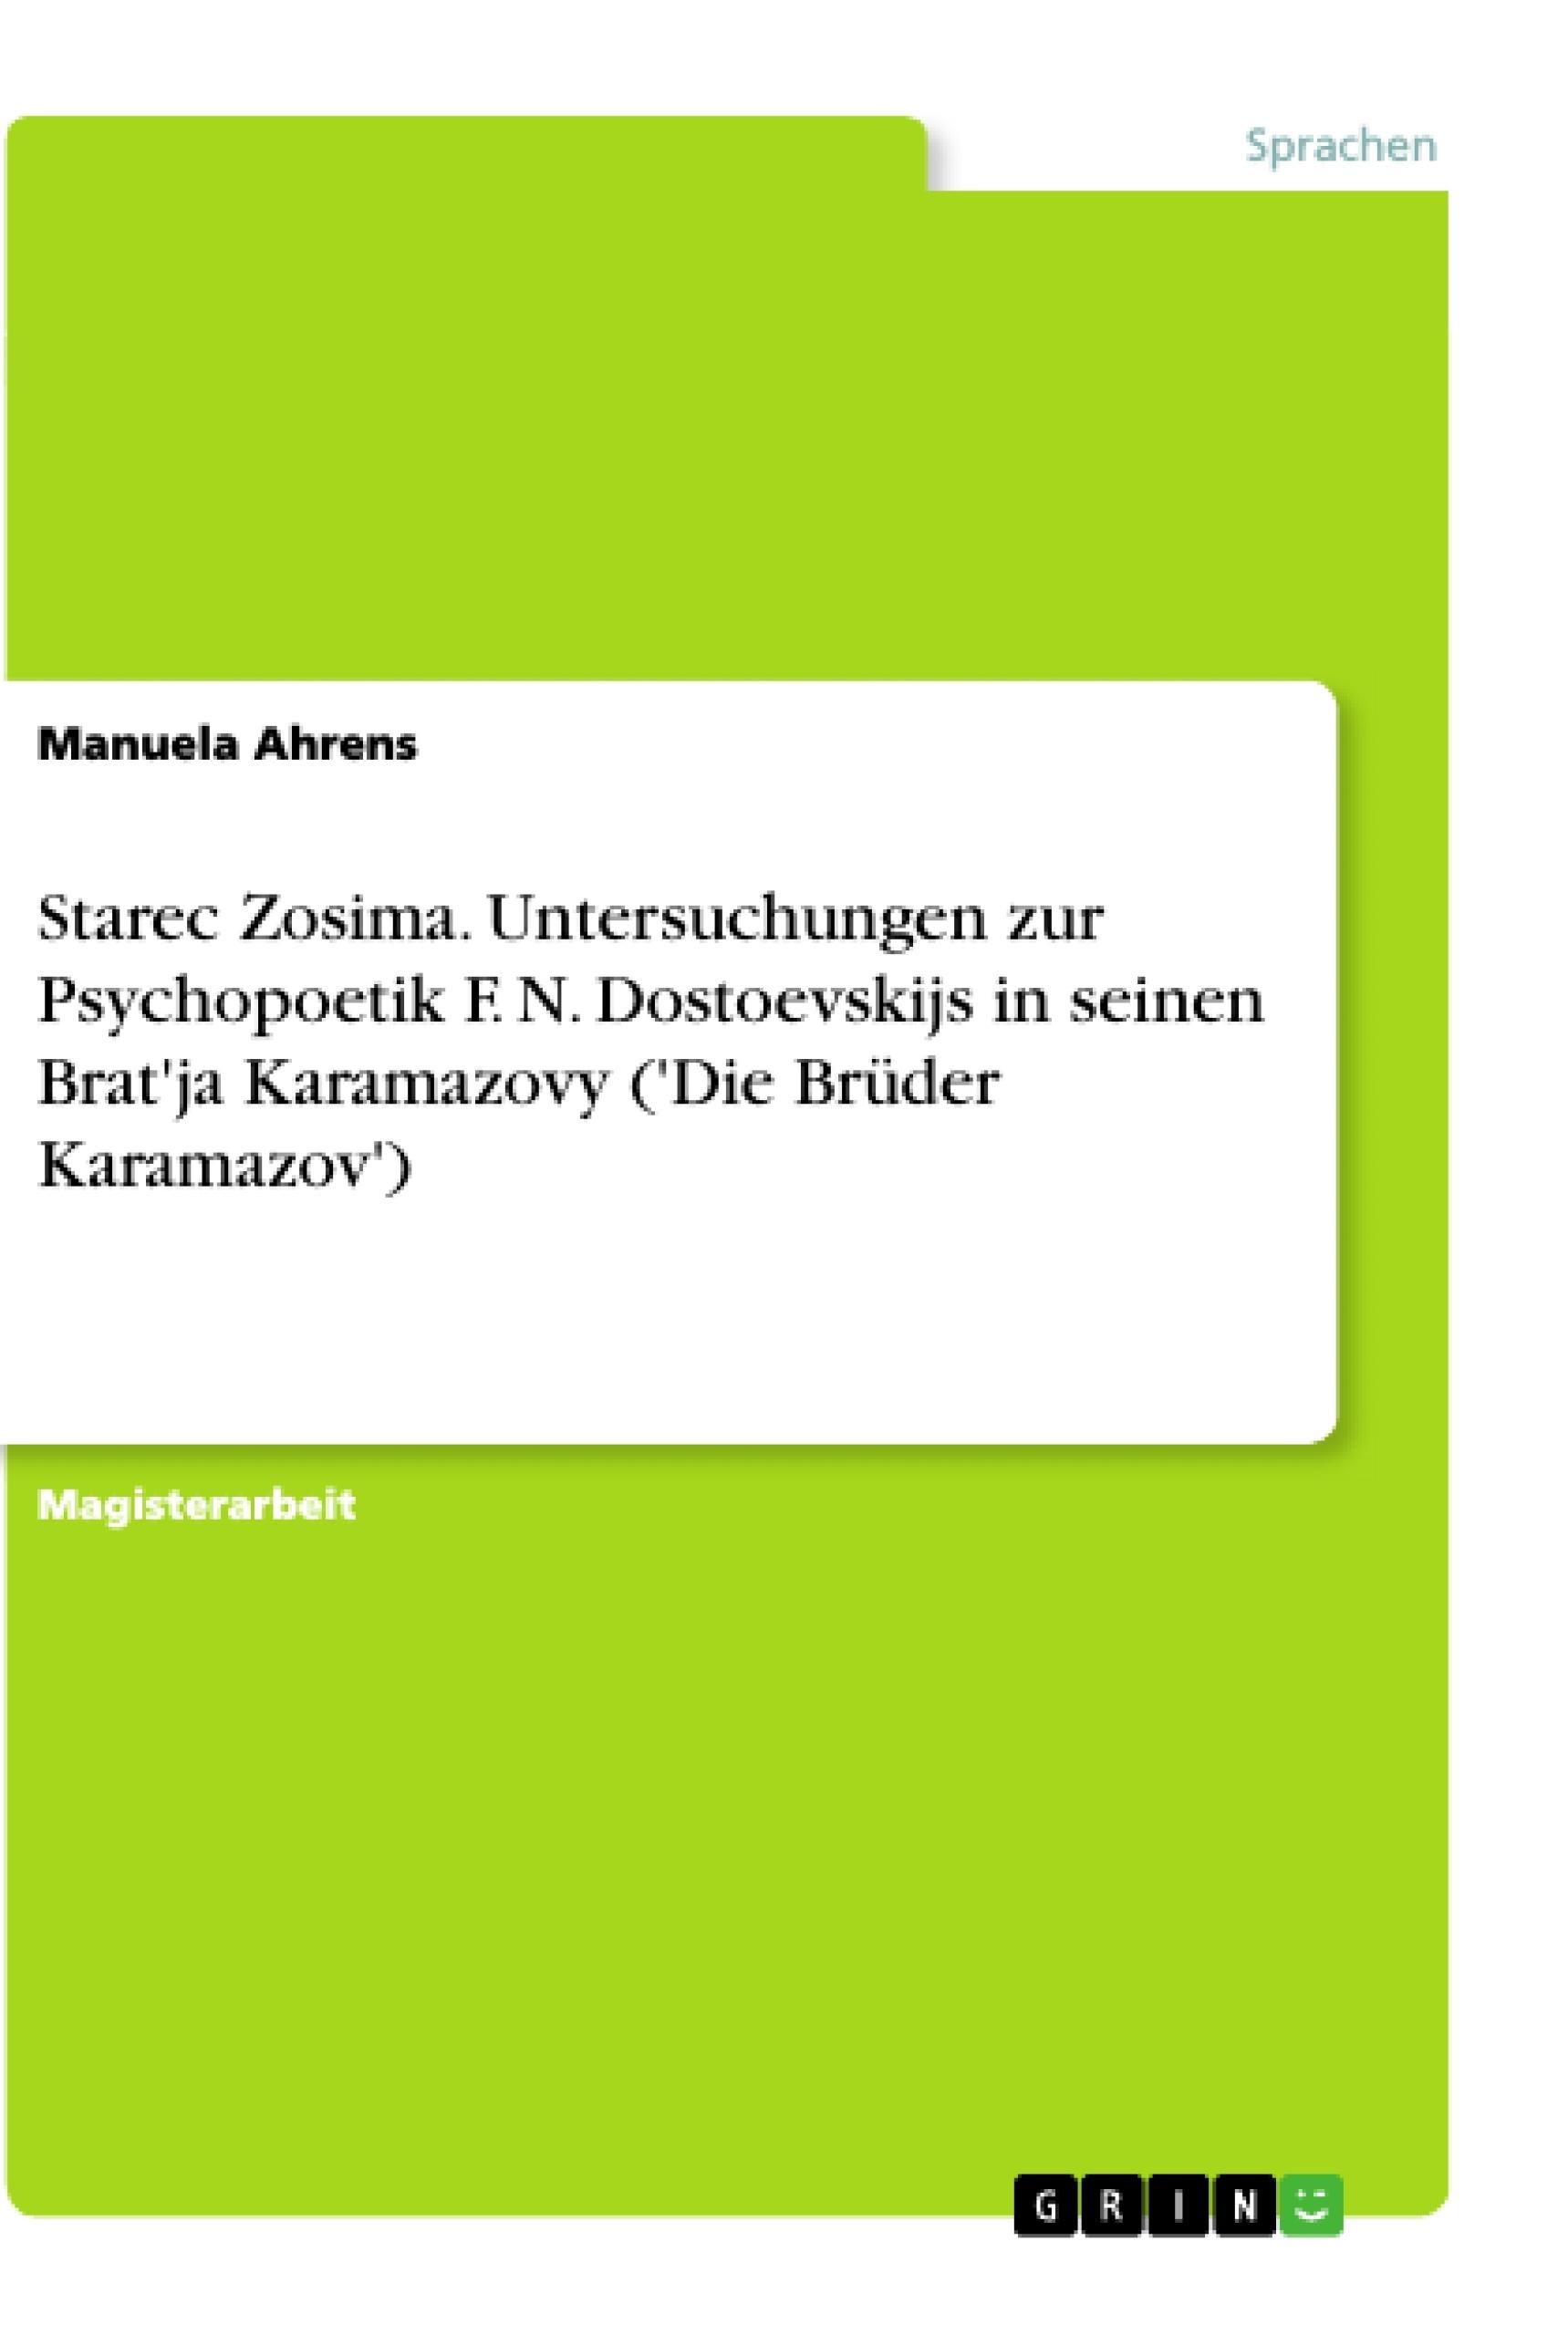 Titel: Starec Zosima. Untersuchungen zur Psychopoetik F. N. Dostoevskijs in seinen Brat'ja Karamazovy ('Die Brüder Karamazov')